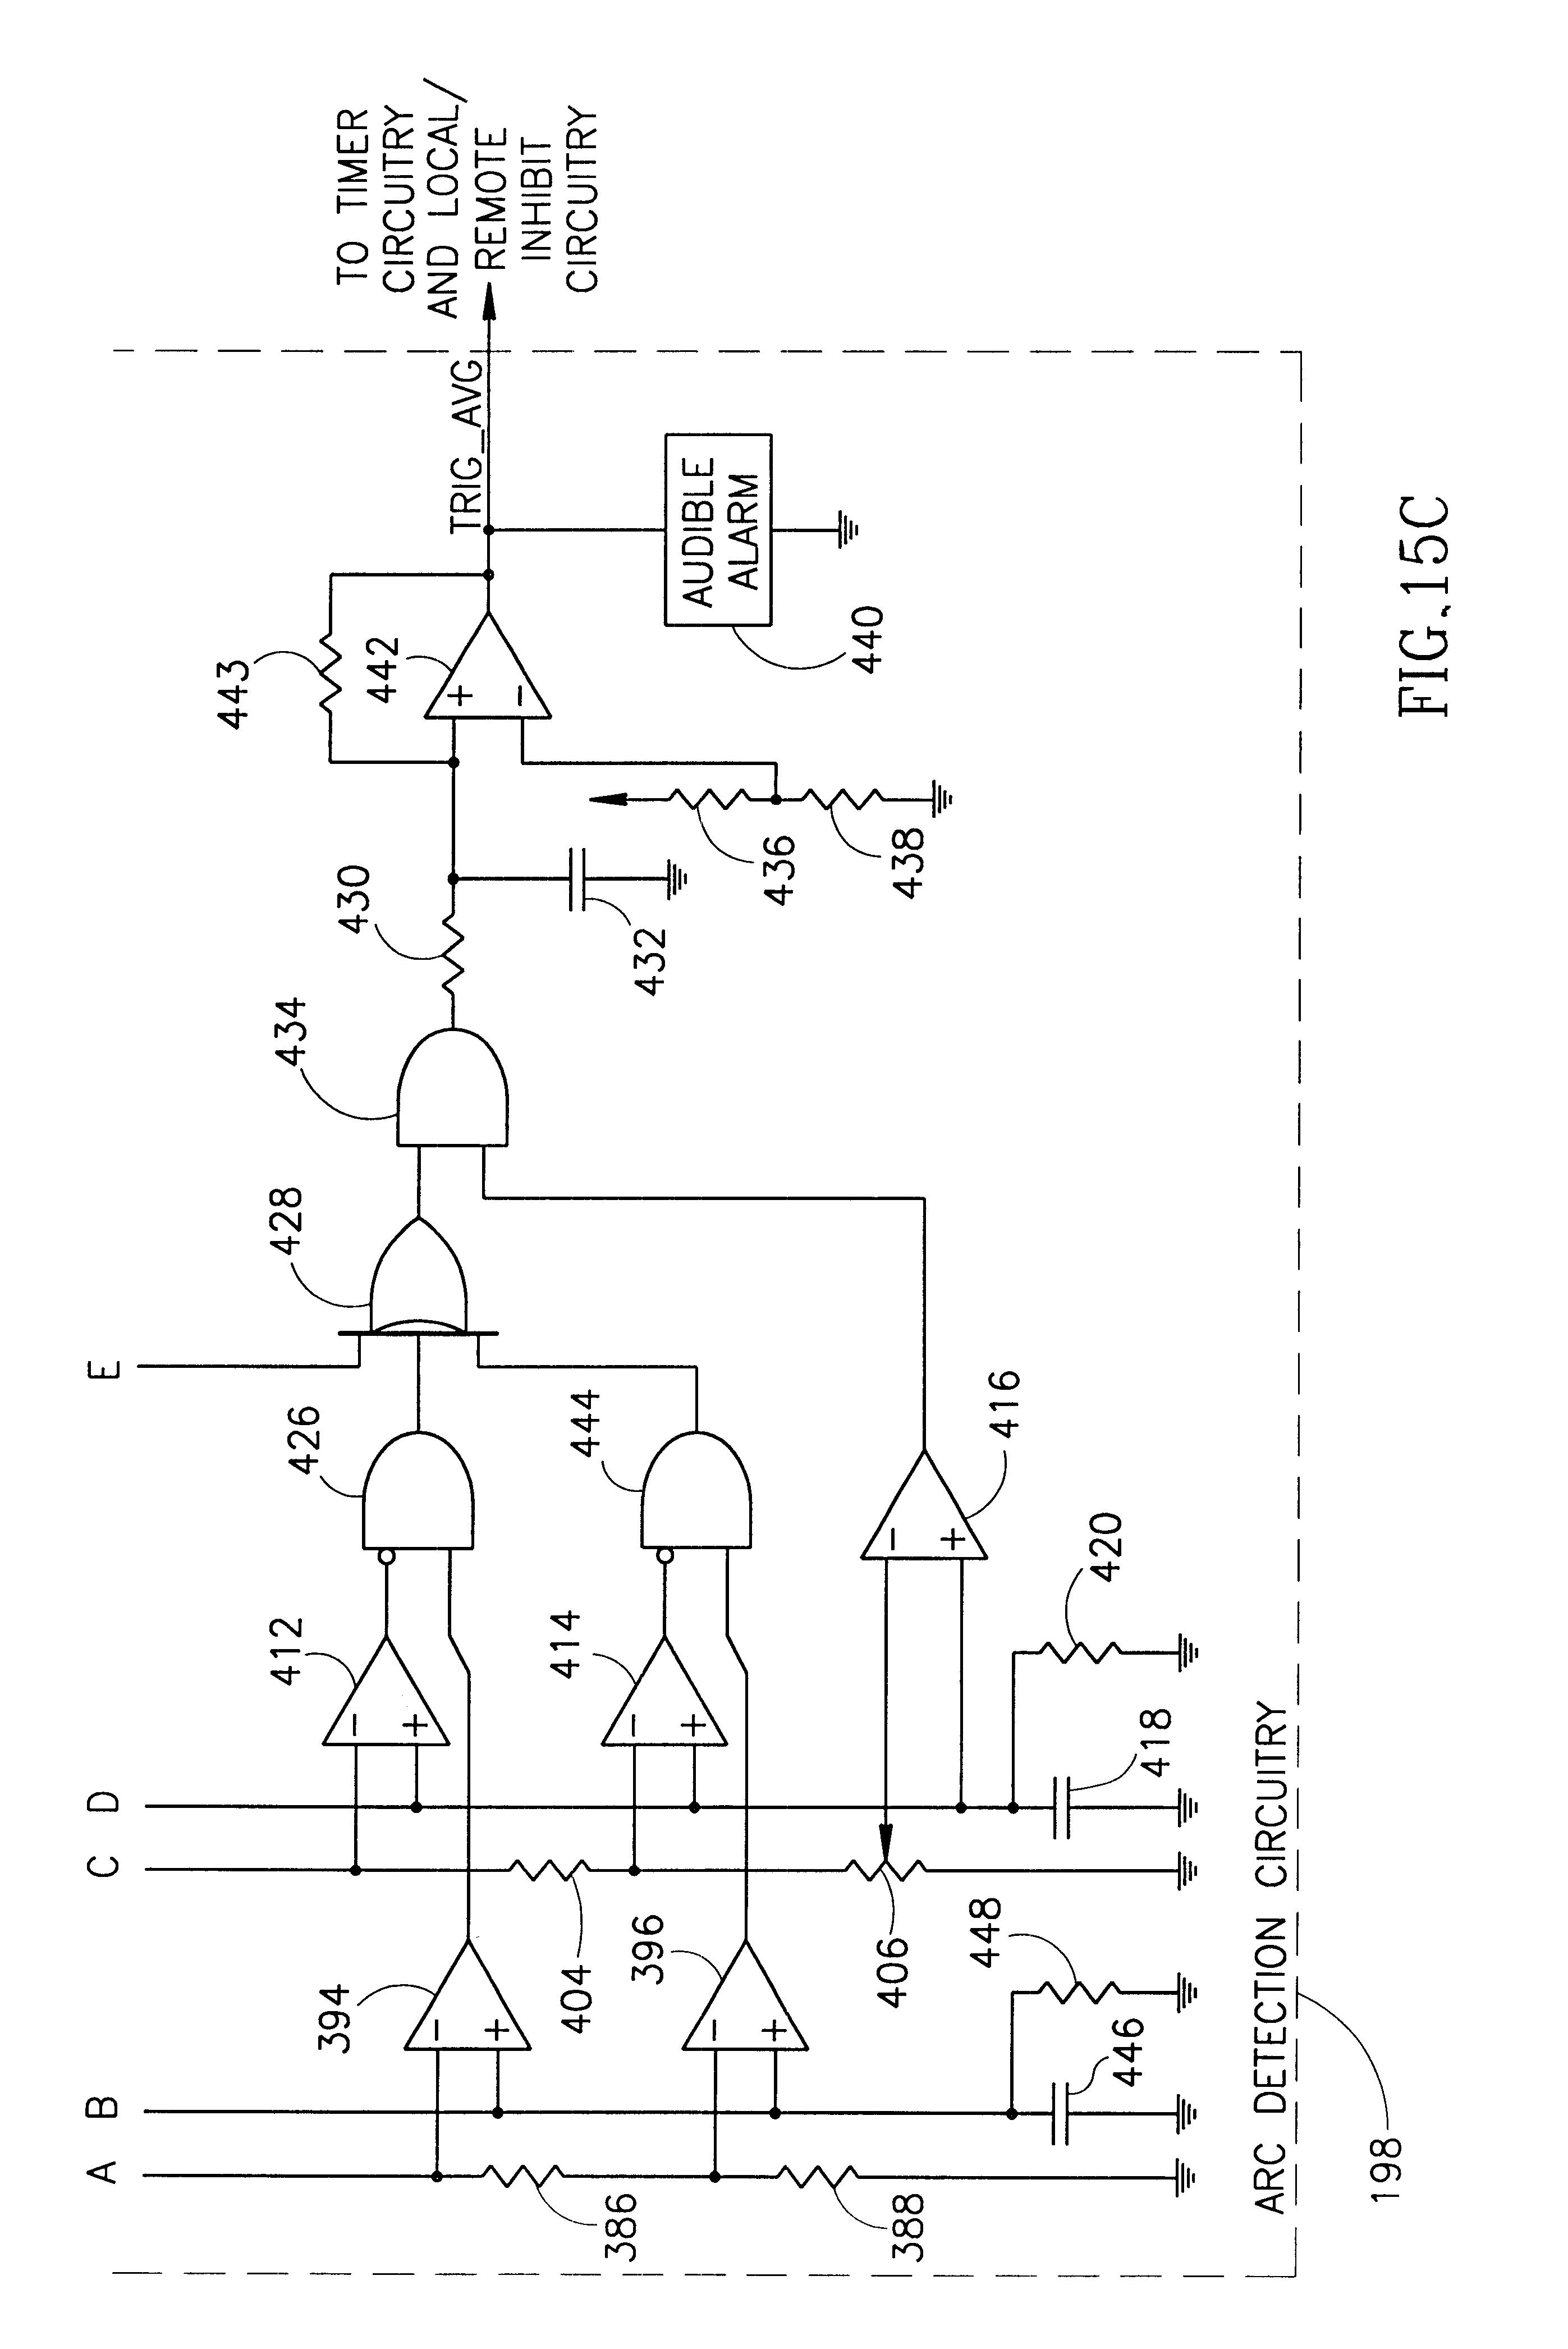 patent us6407893